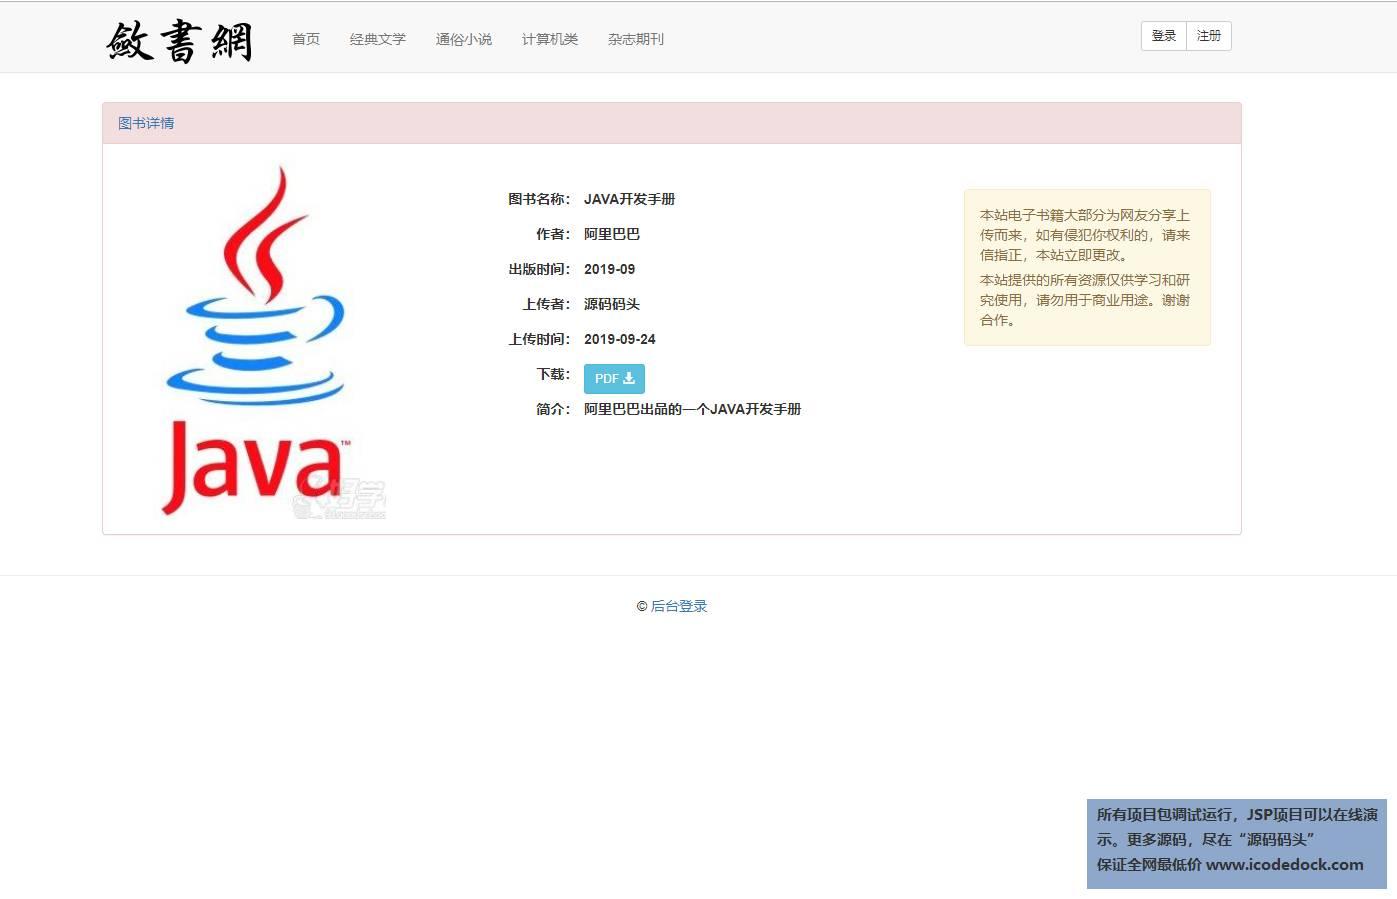 源码码头-SSM电子书网站管理系统-用户角色-电子书查看页面